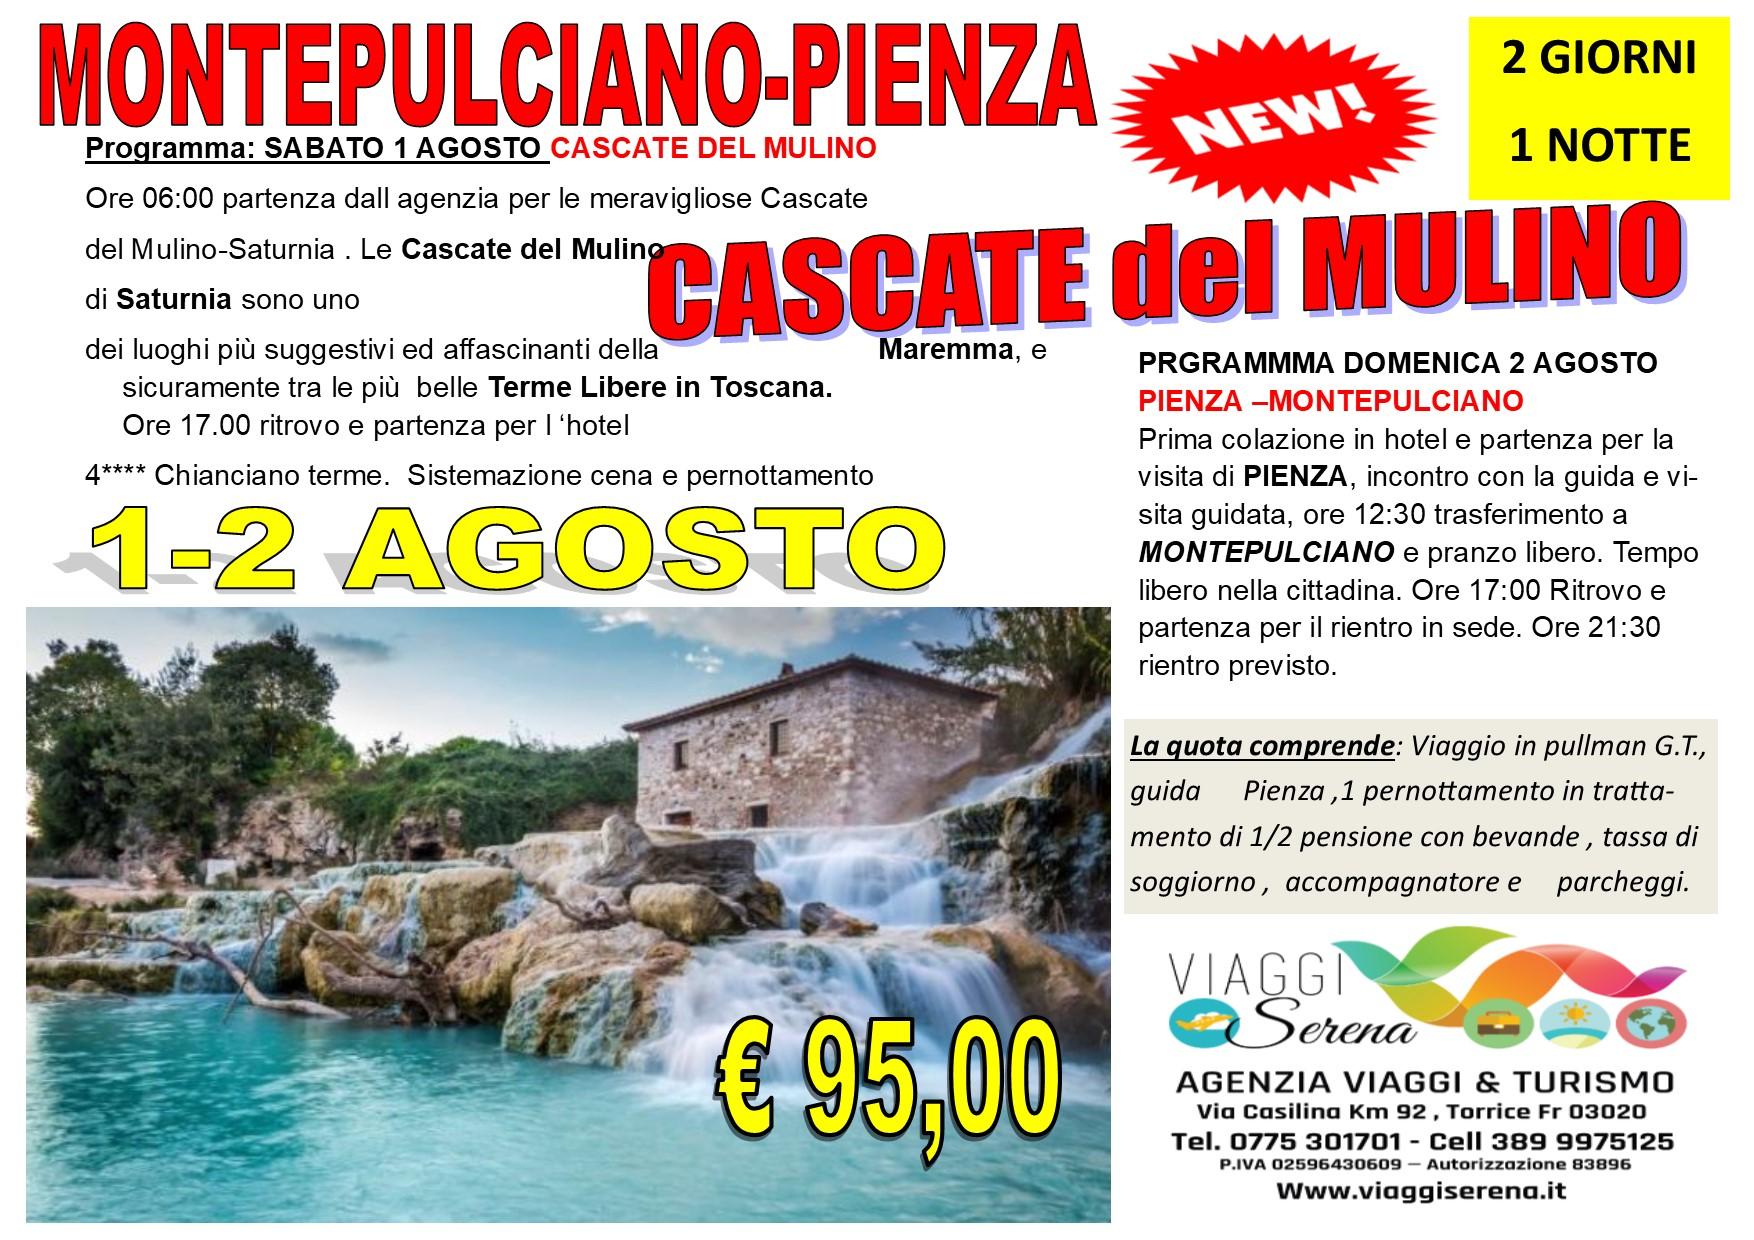 Viaggi di Gruppo: CASCATE del Mulino , Pienza & Montepulciano 1-2 Agosto € 95,00